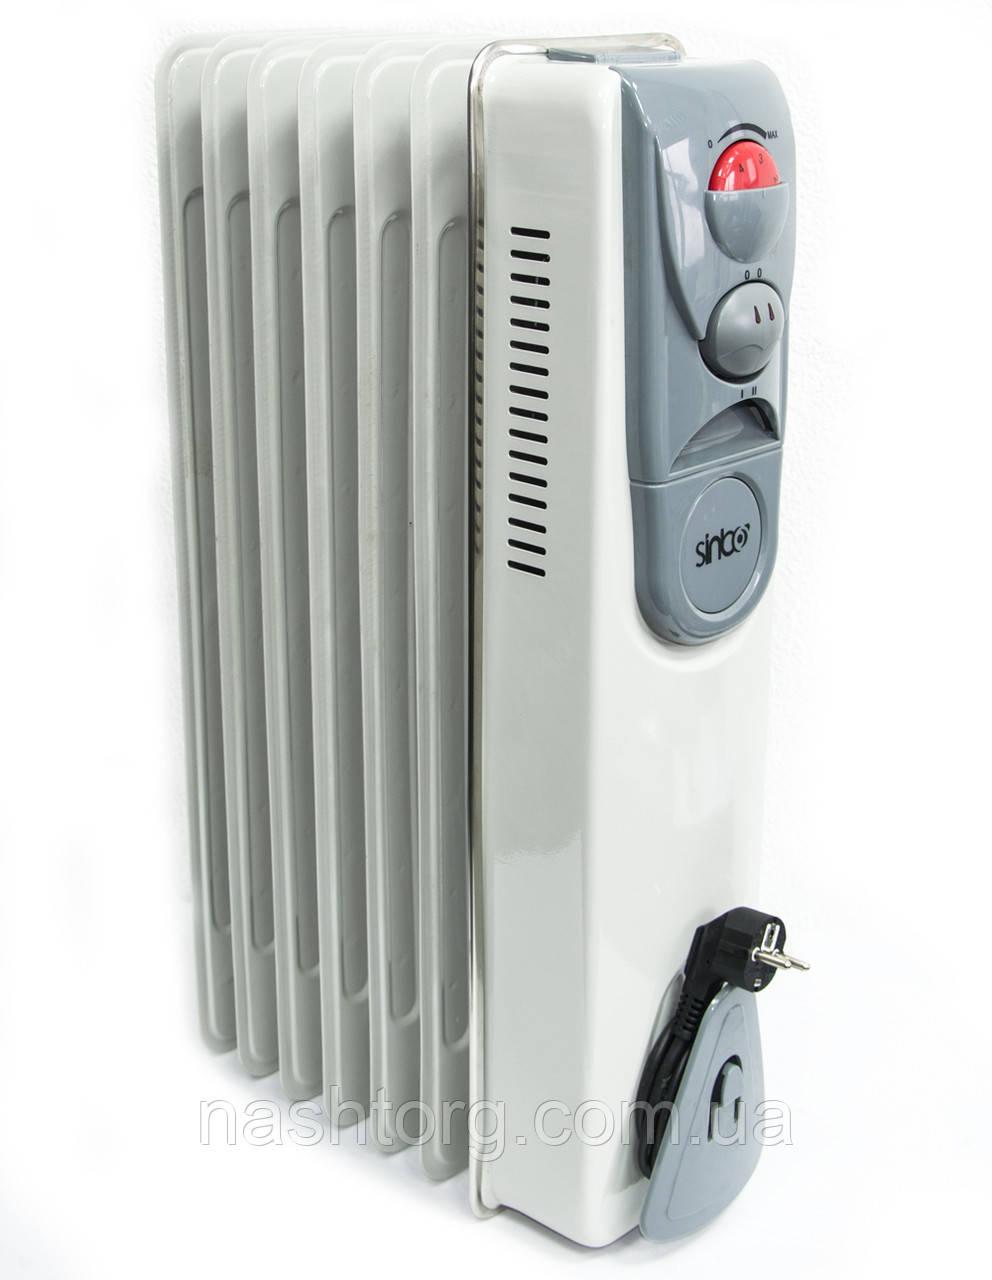 Напольный масляный обогреватель, Sinbo CY-7 1500W, конвектор электрический, радиатор, с доставкой